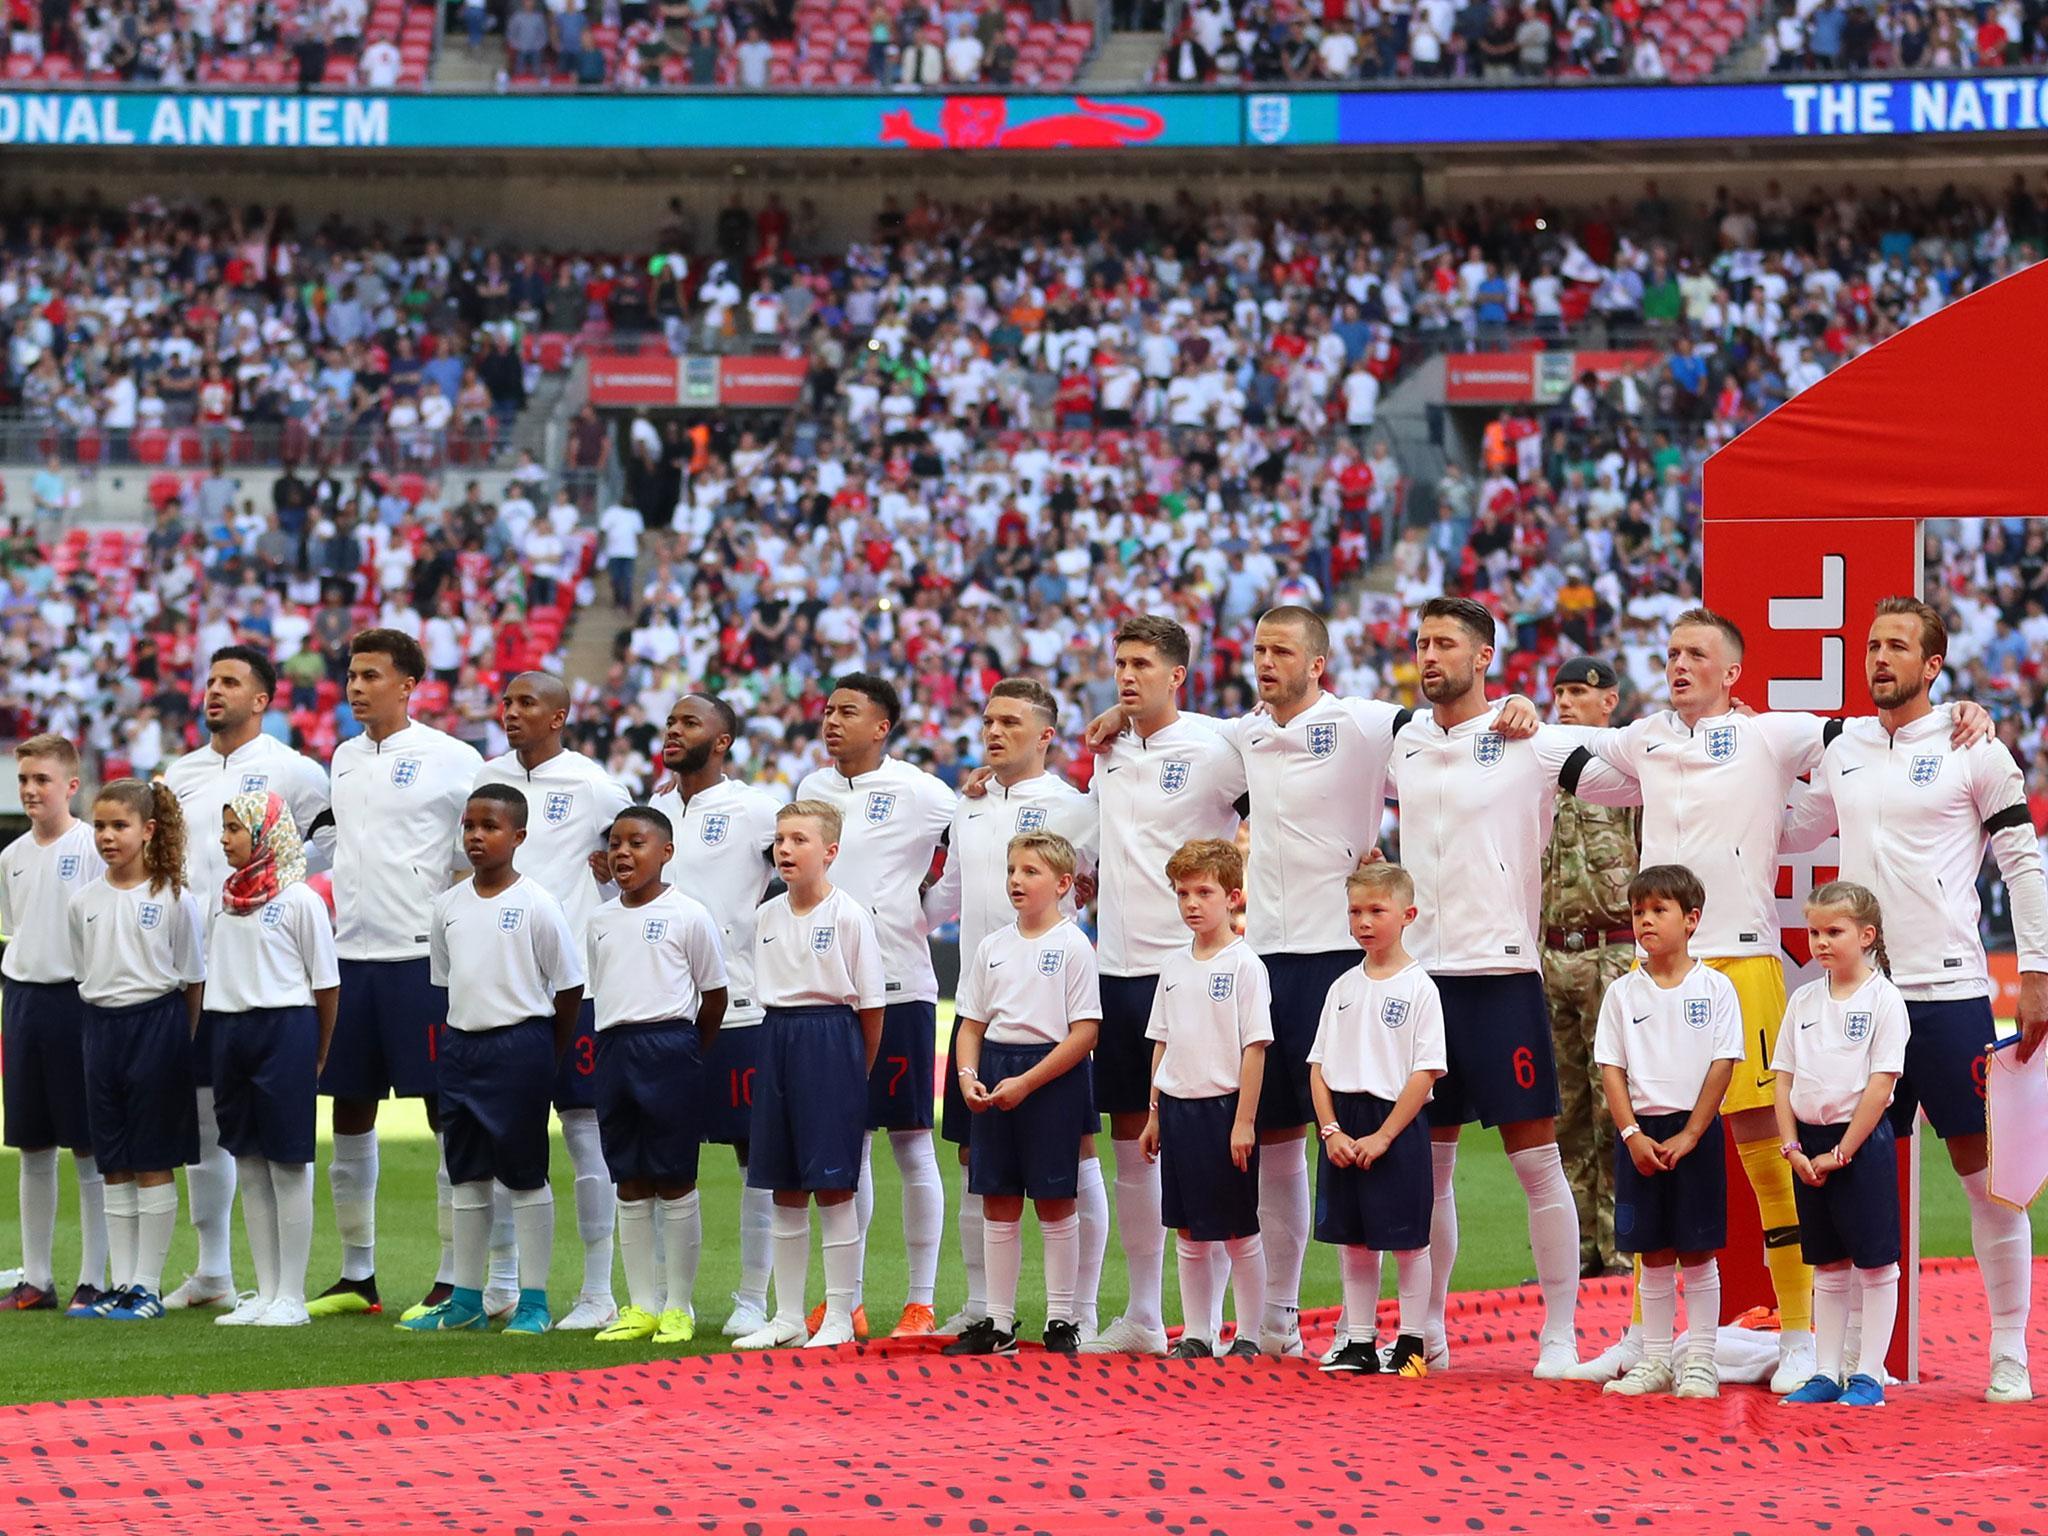 Kết quả hình ảnh cho england team